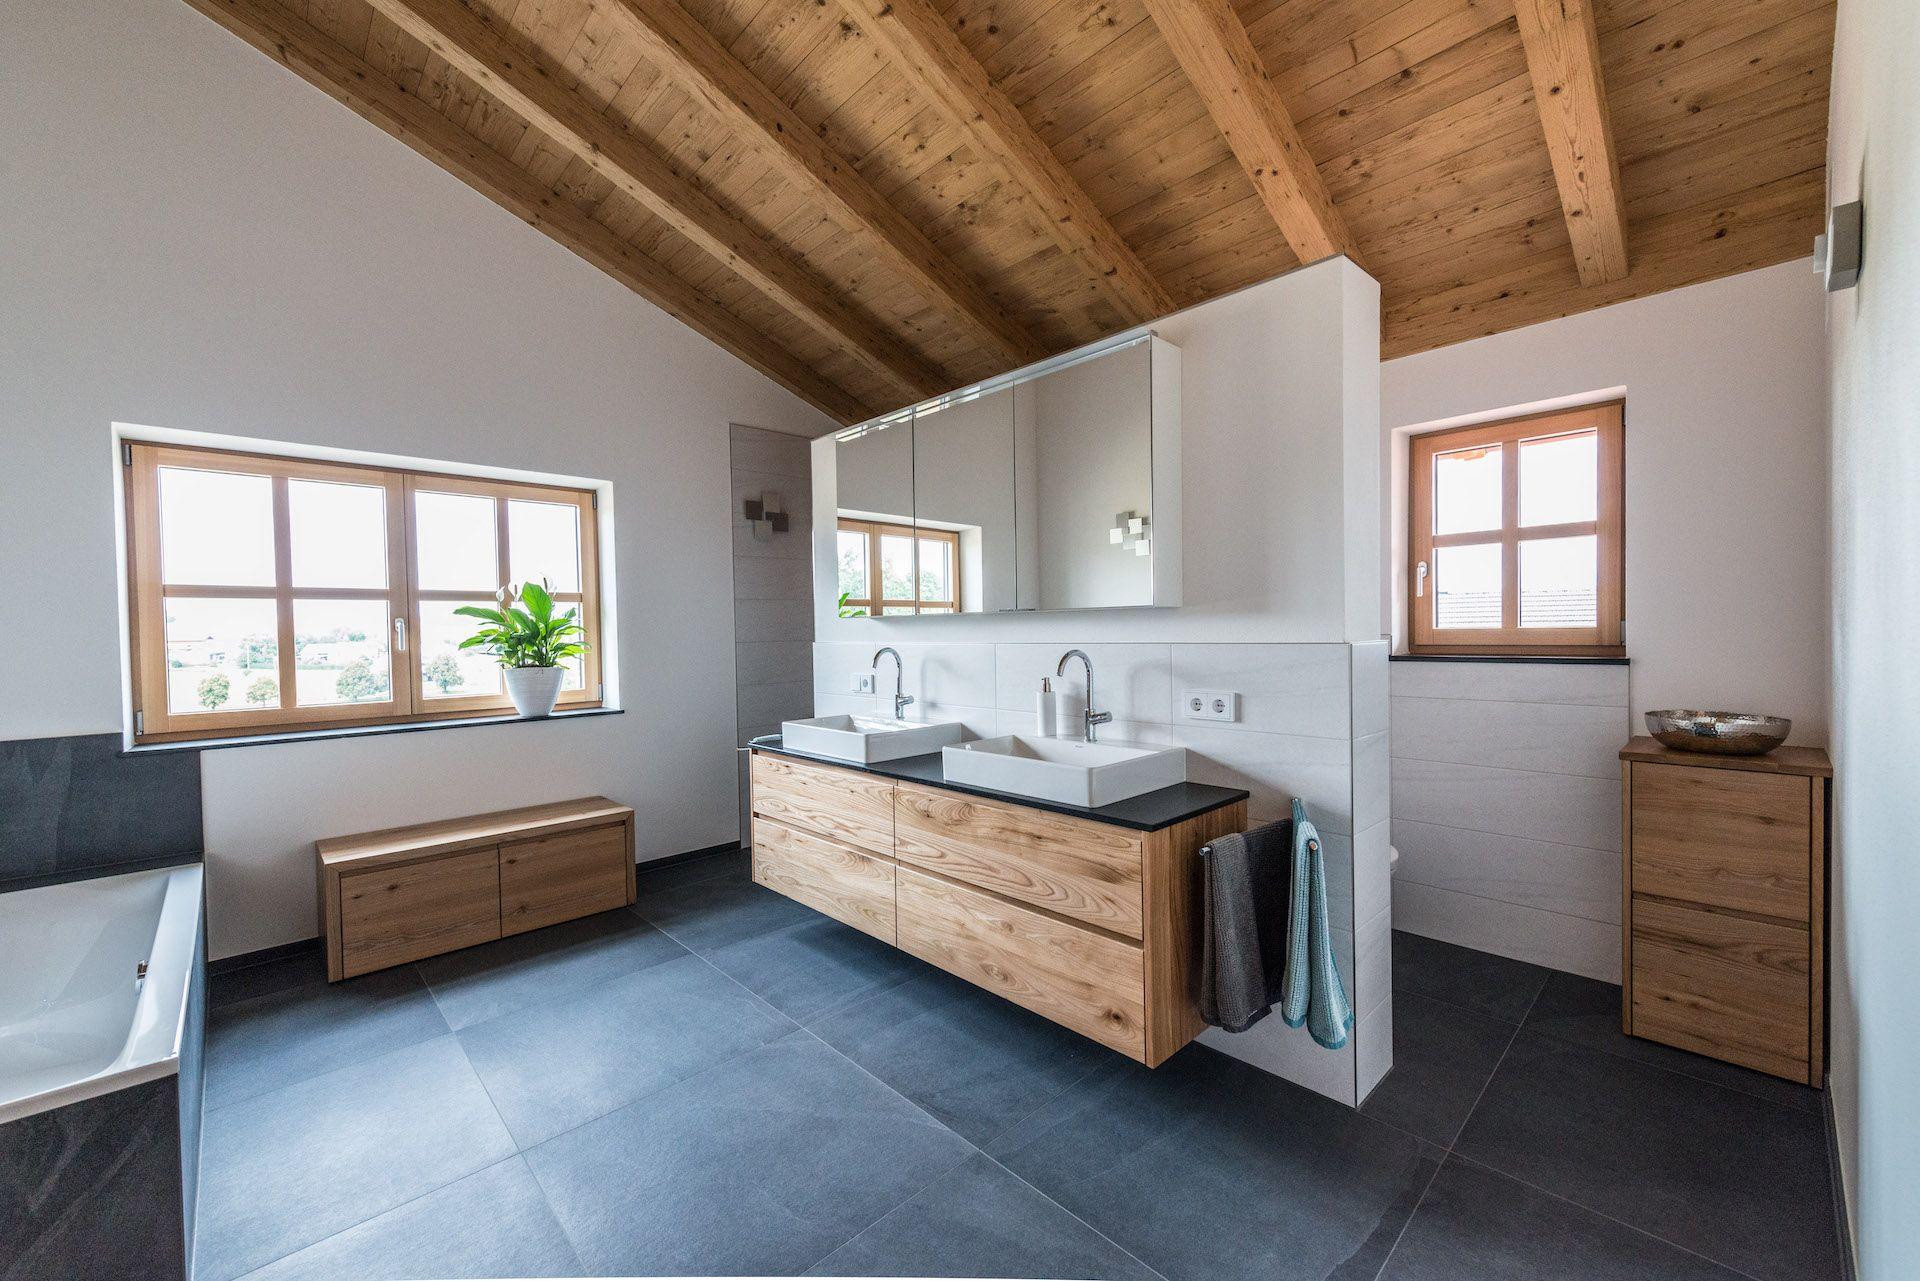 In Diesem Bad Wurden Die Mobel Aus Einem Ulmenholz Und Die Turen Passend Zu Den Fe Badezimmer Dachgeschoss Badezimmer Innenausstattung Badezimmer Fenster Ideen